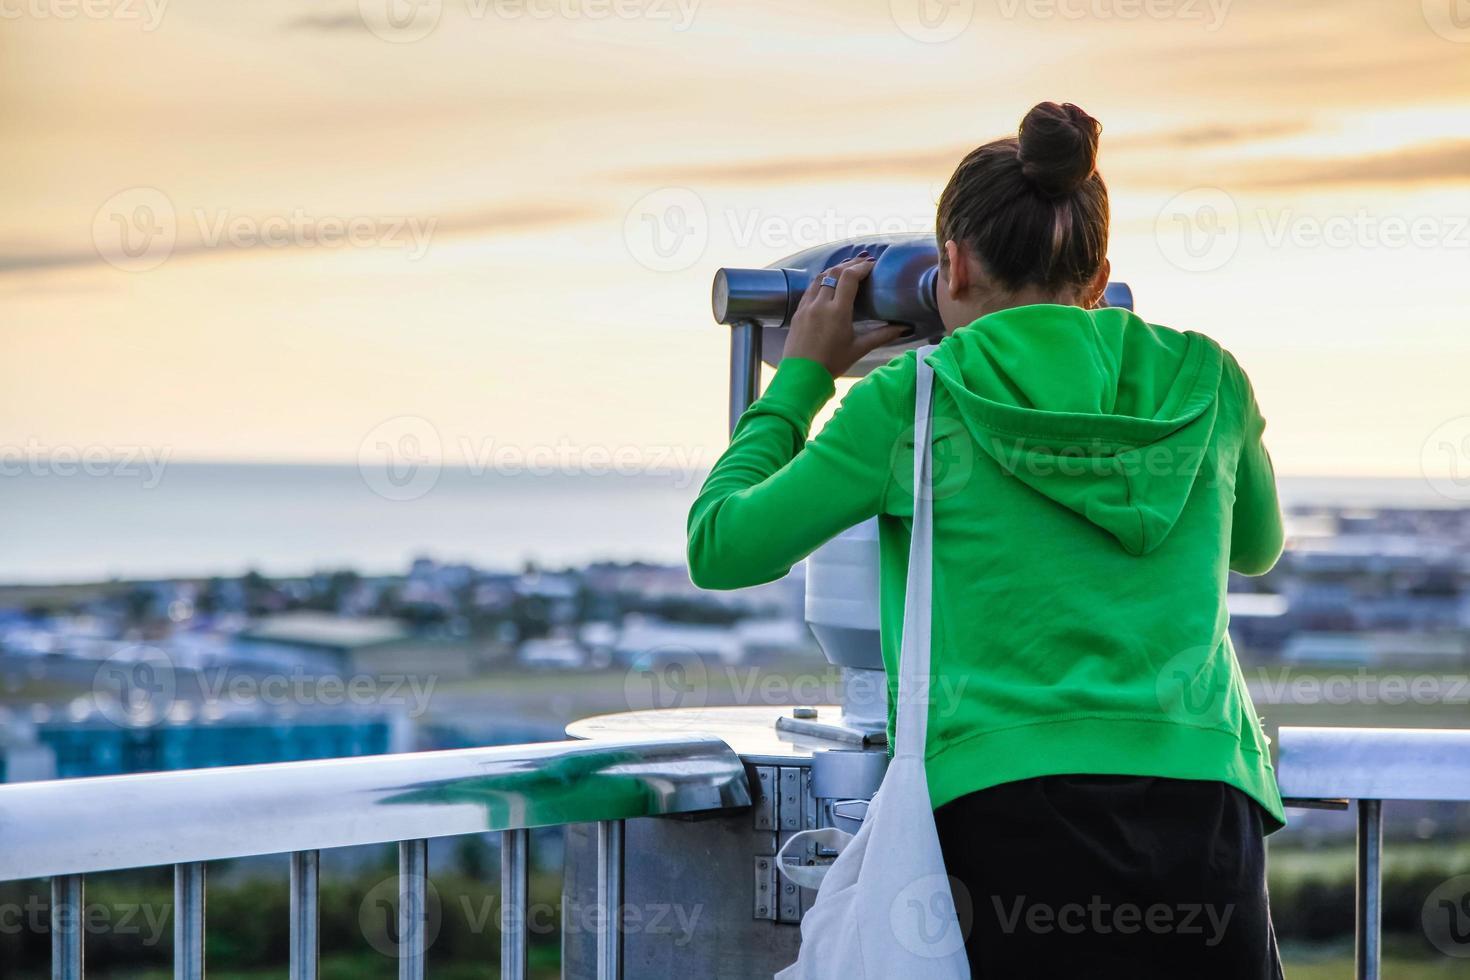 giovane ragazza guardando attraverso un binocolo pubblico a gettoni foto